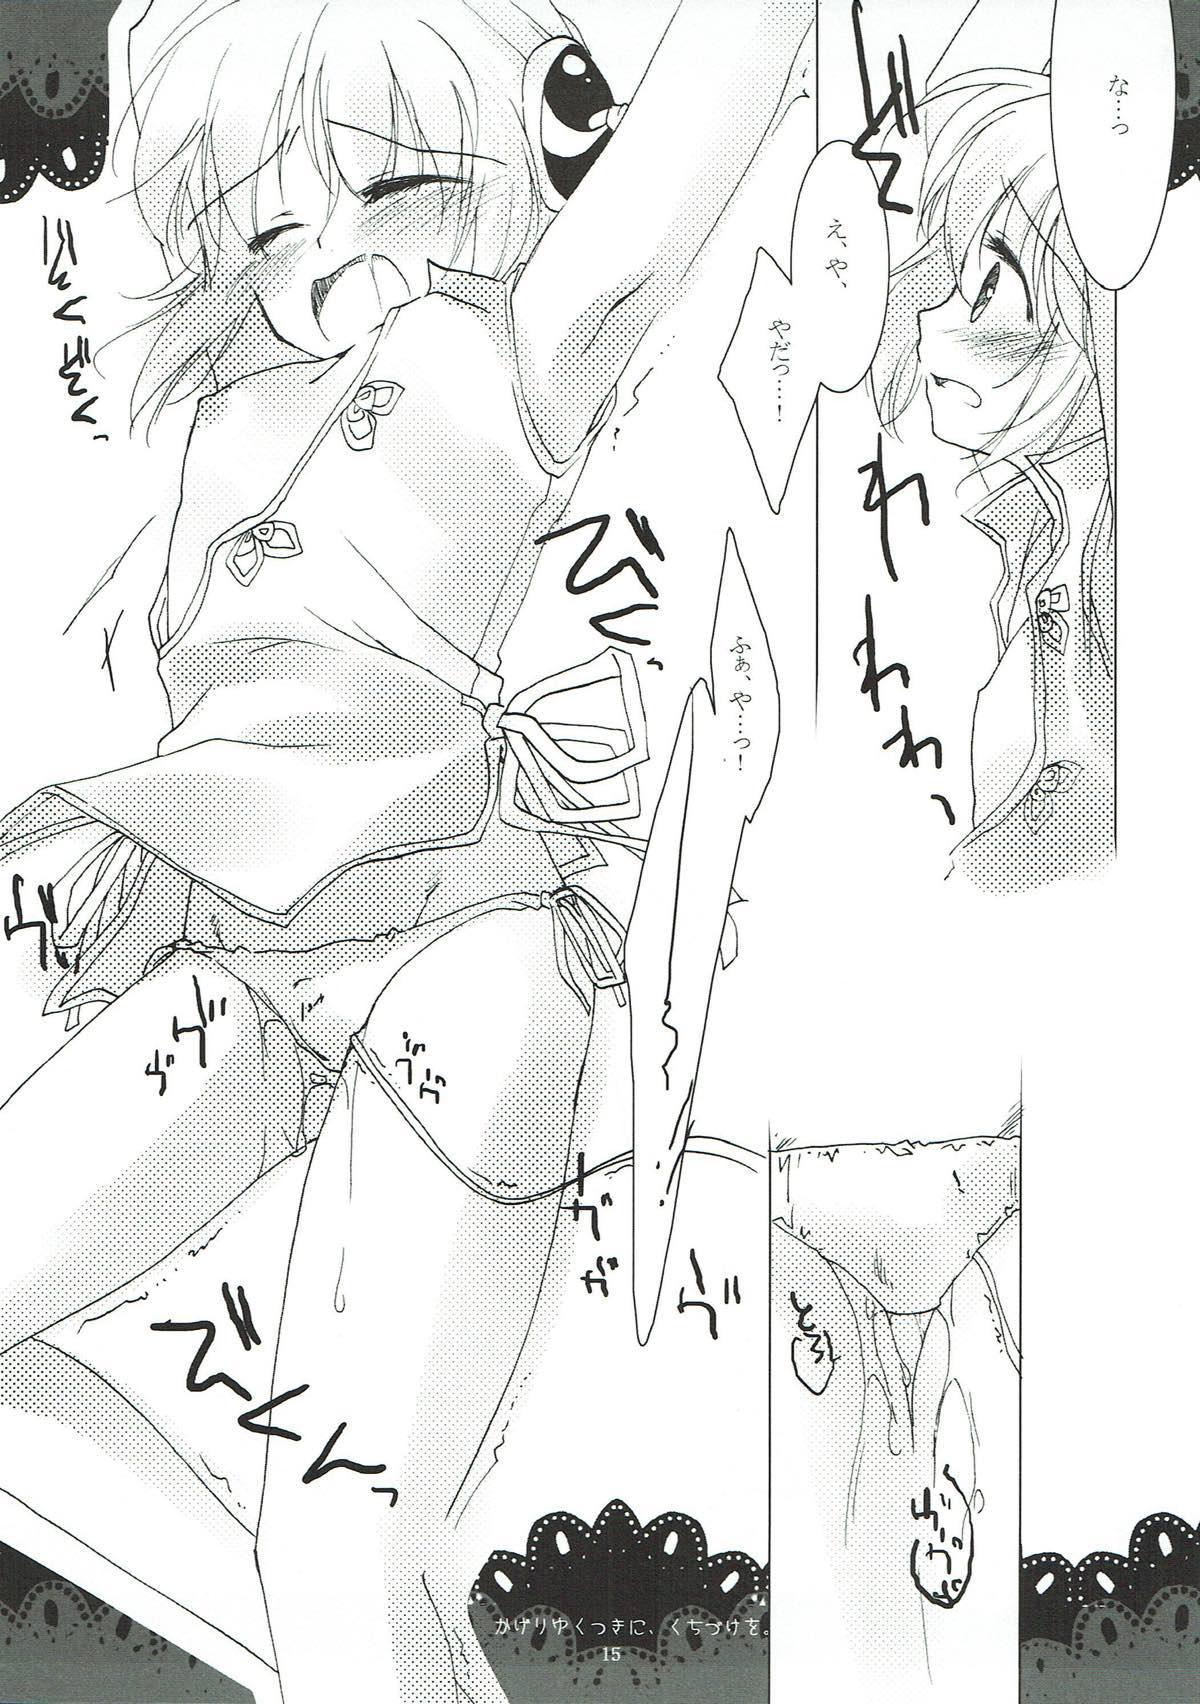 Kageriyuku Tsuki ni, Kuchizuke o. 12